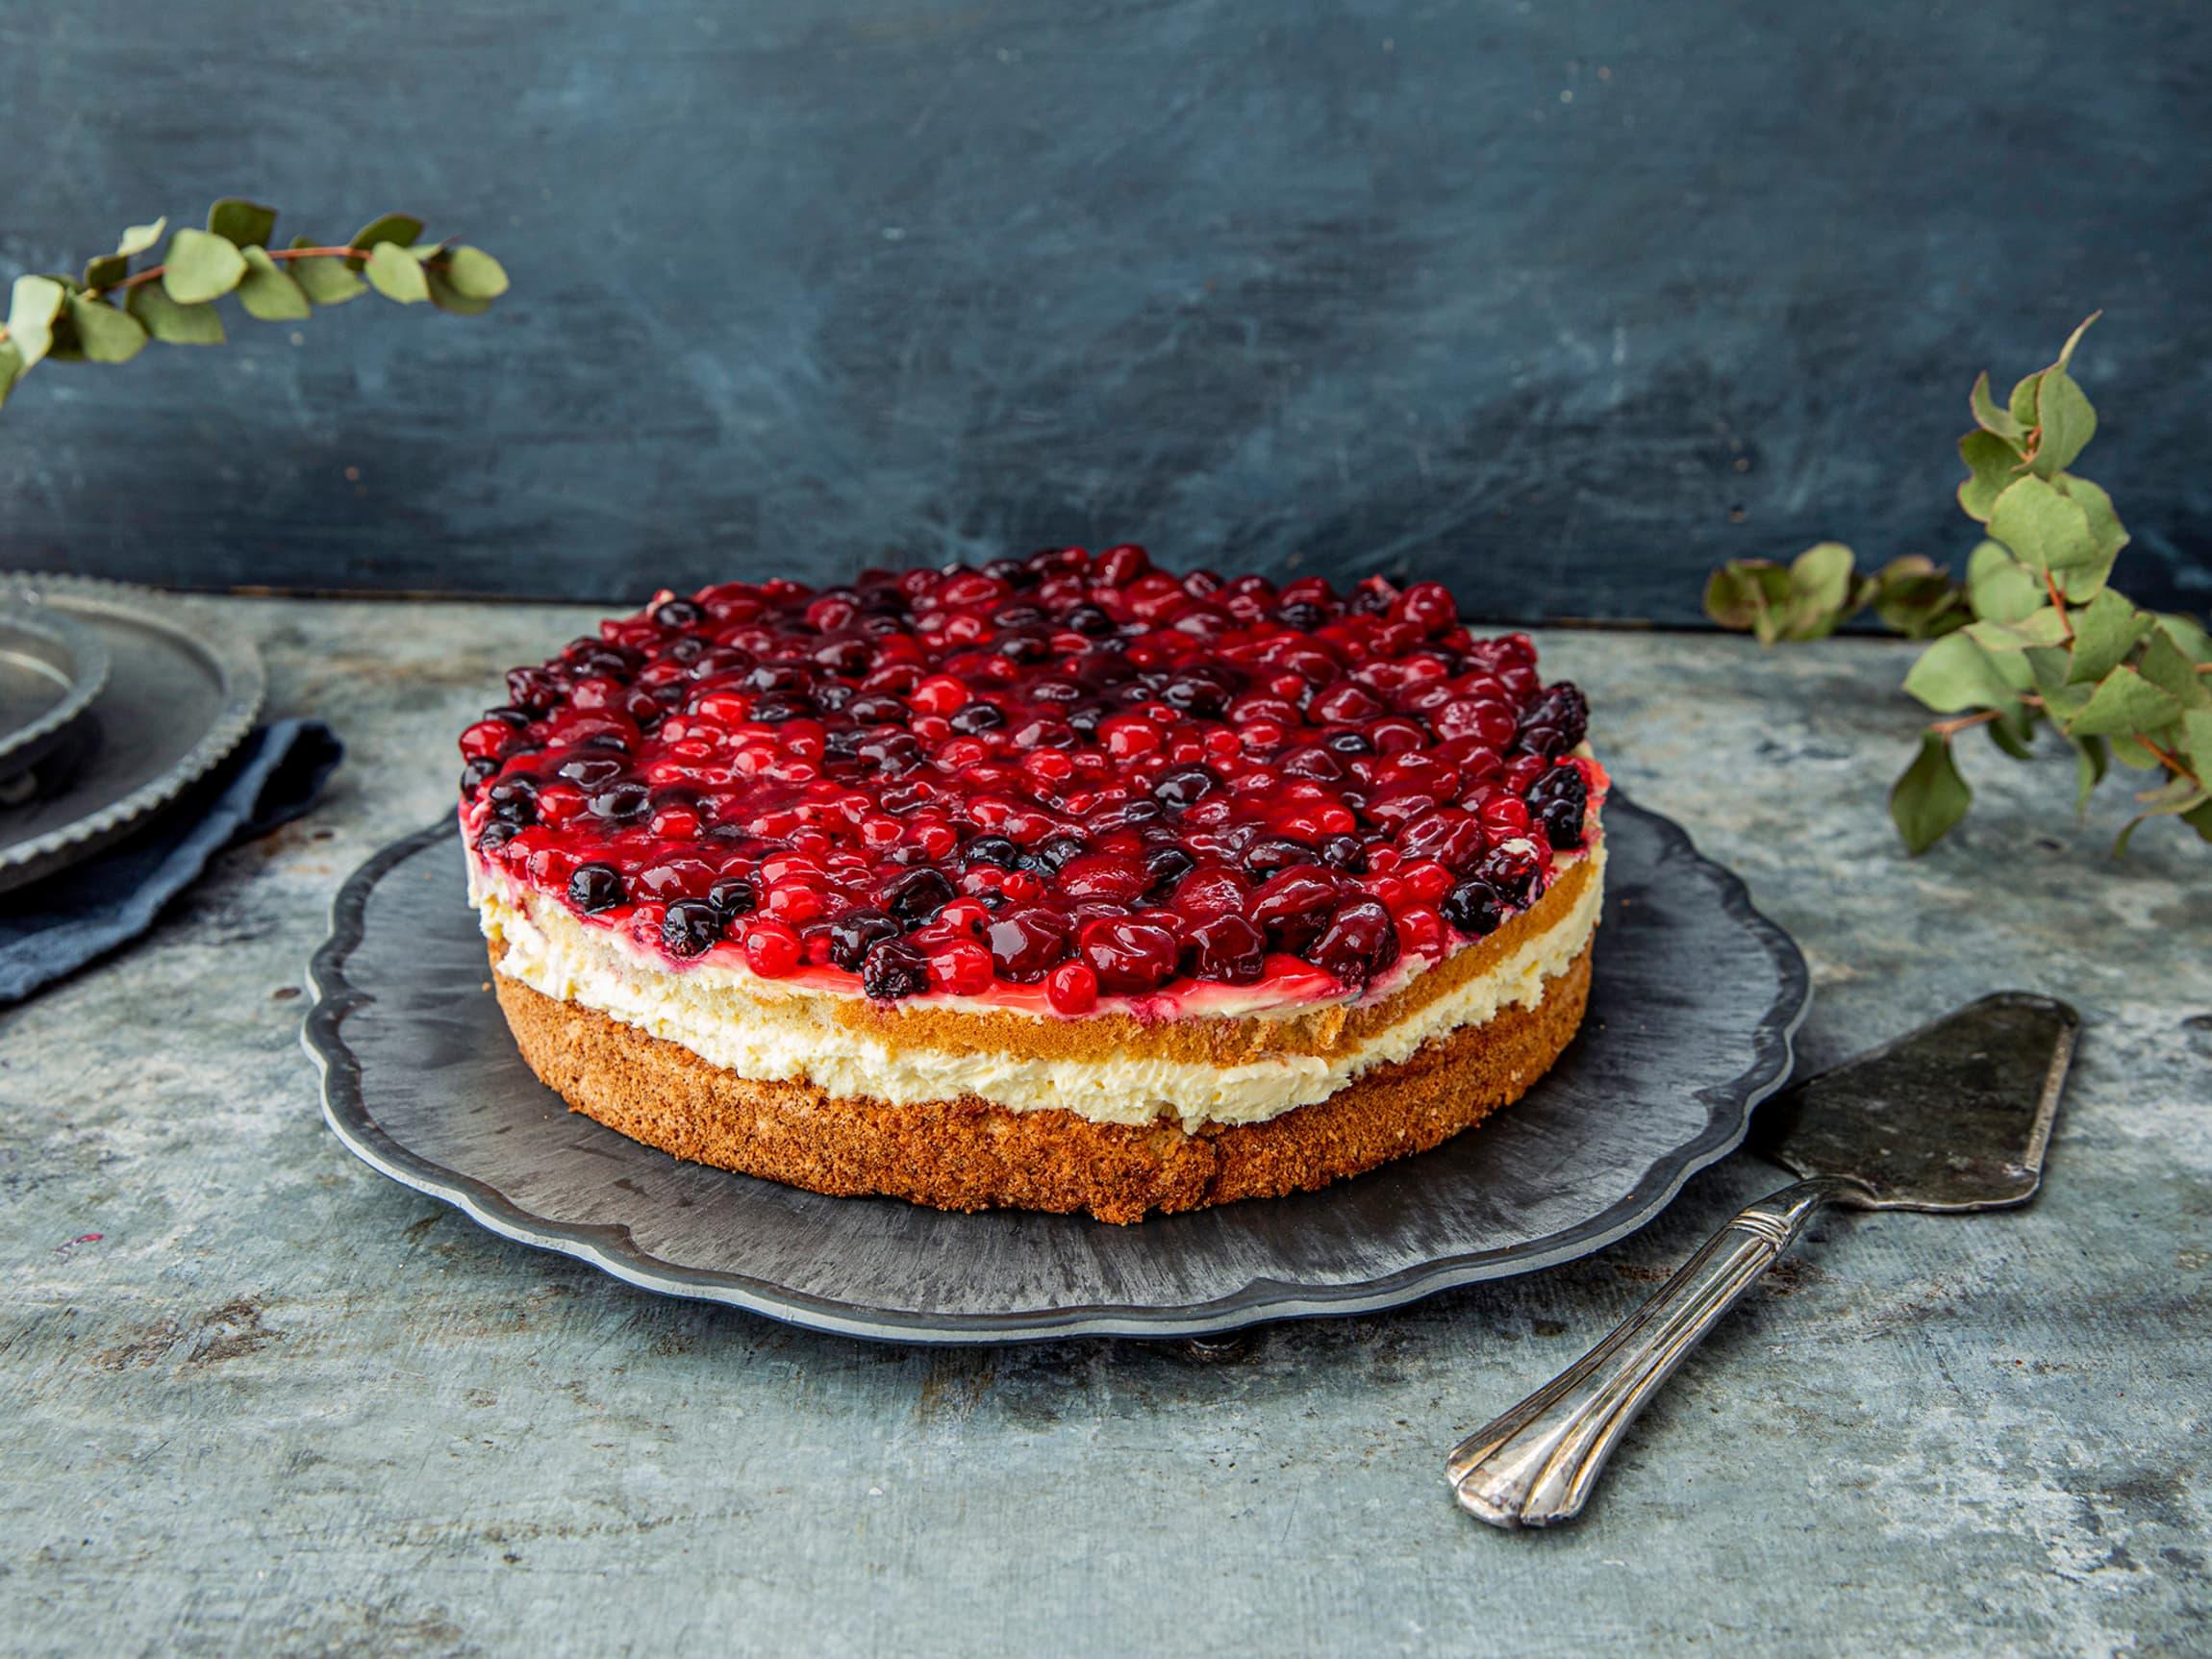 Du kan nå få lekre kaker selv om du er gluten eller laktoseintolerant.